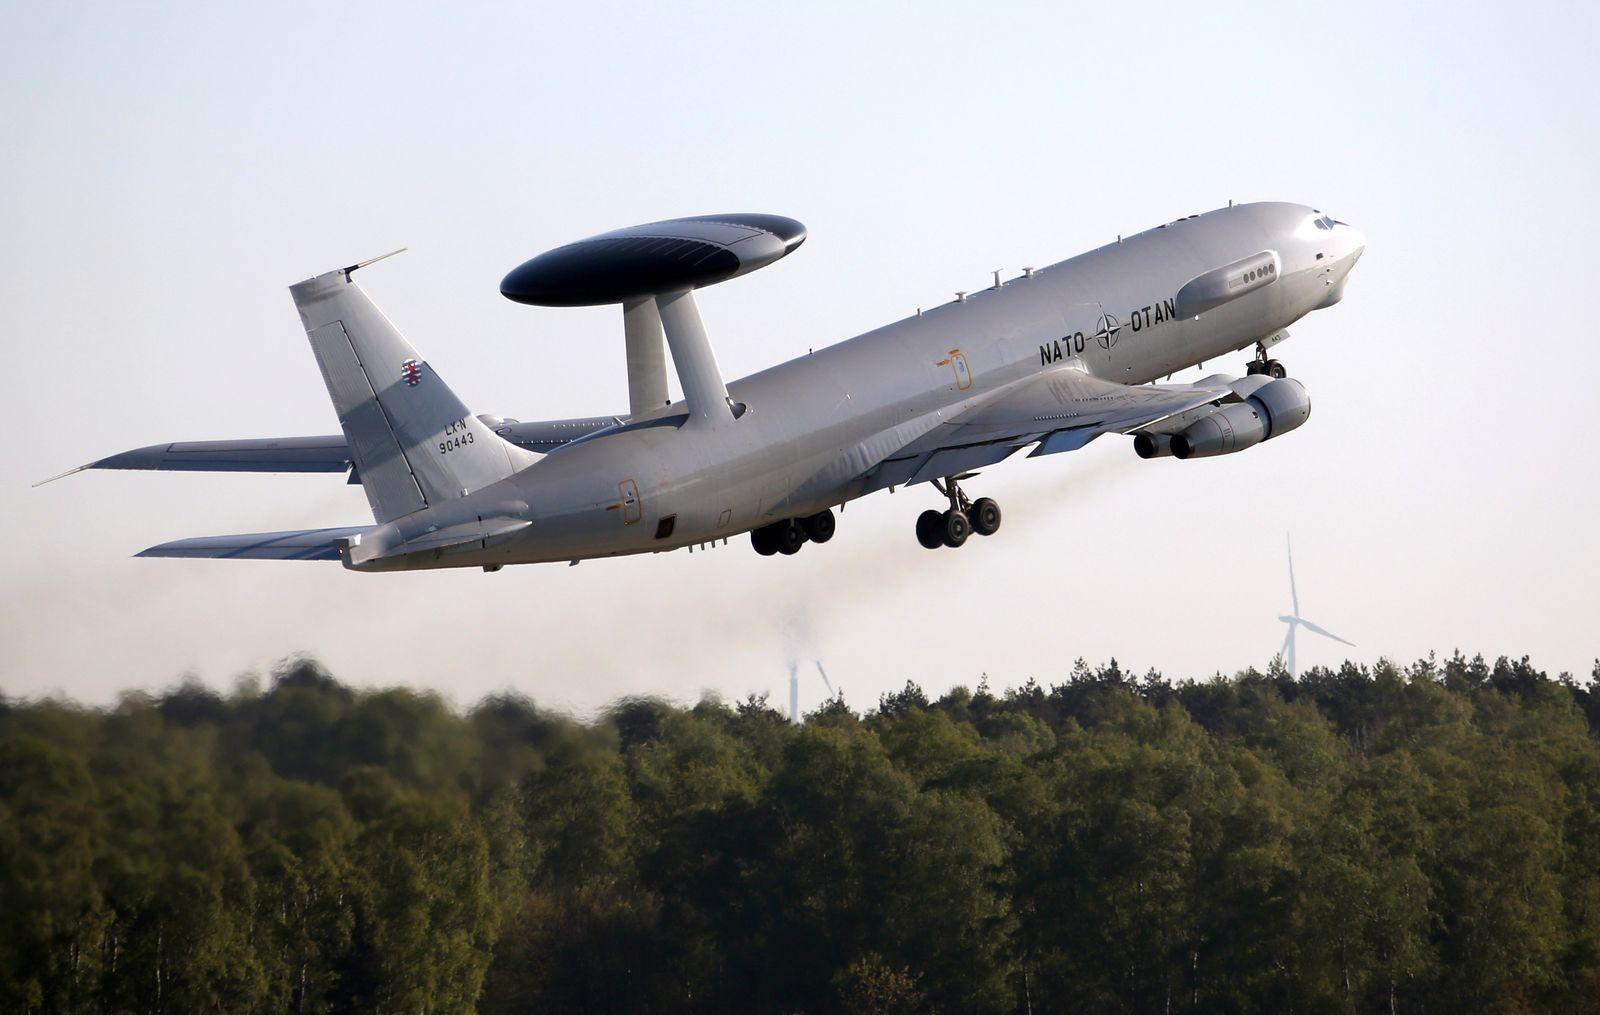 NATO AWACS / Geilenkirchen